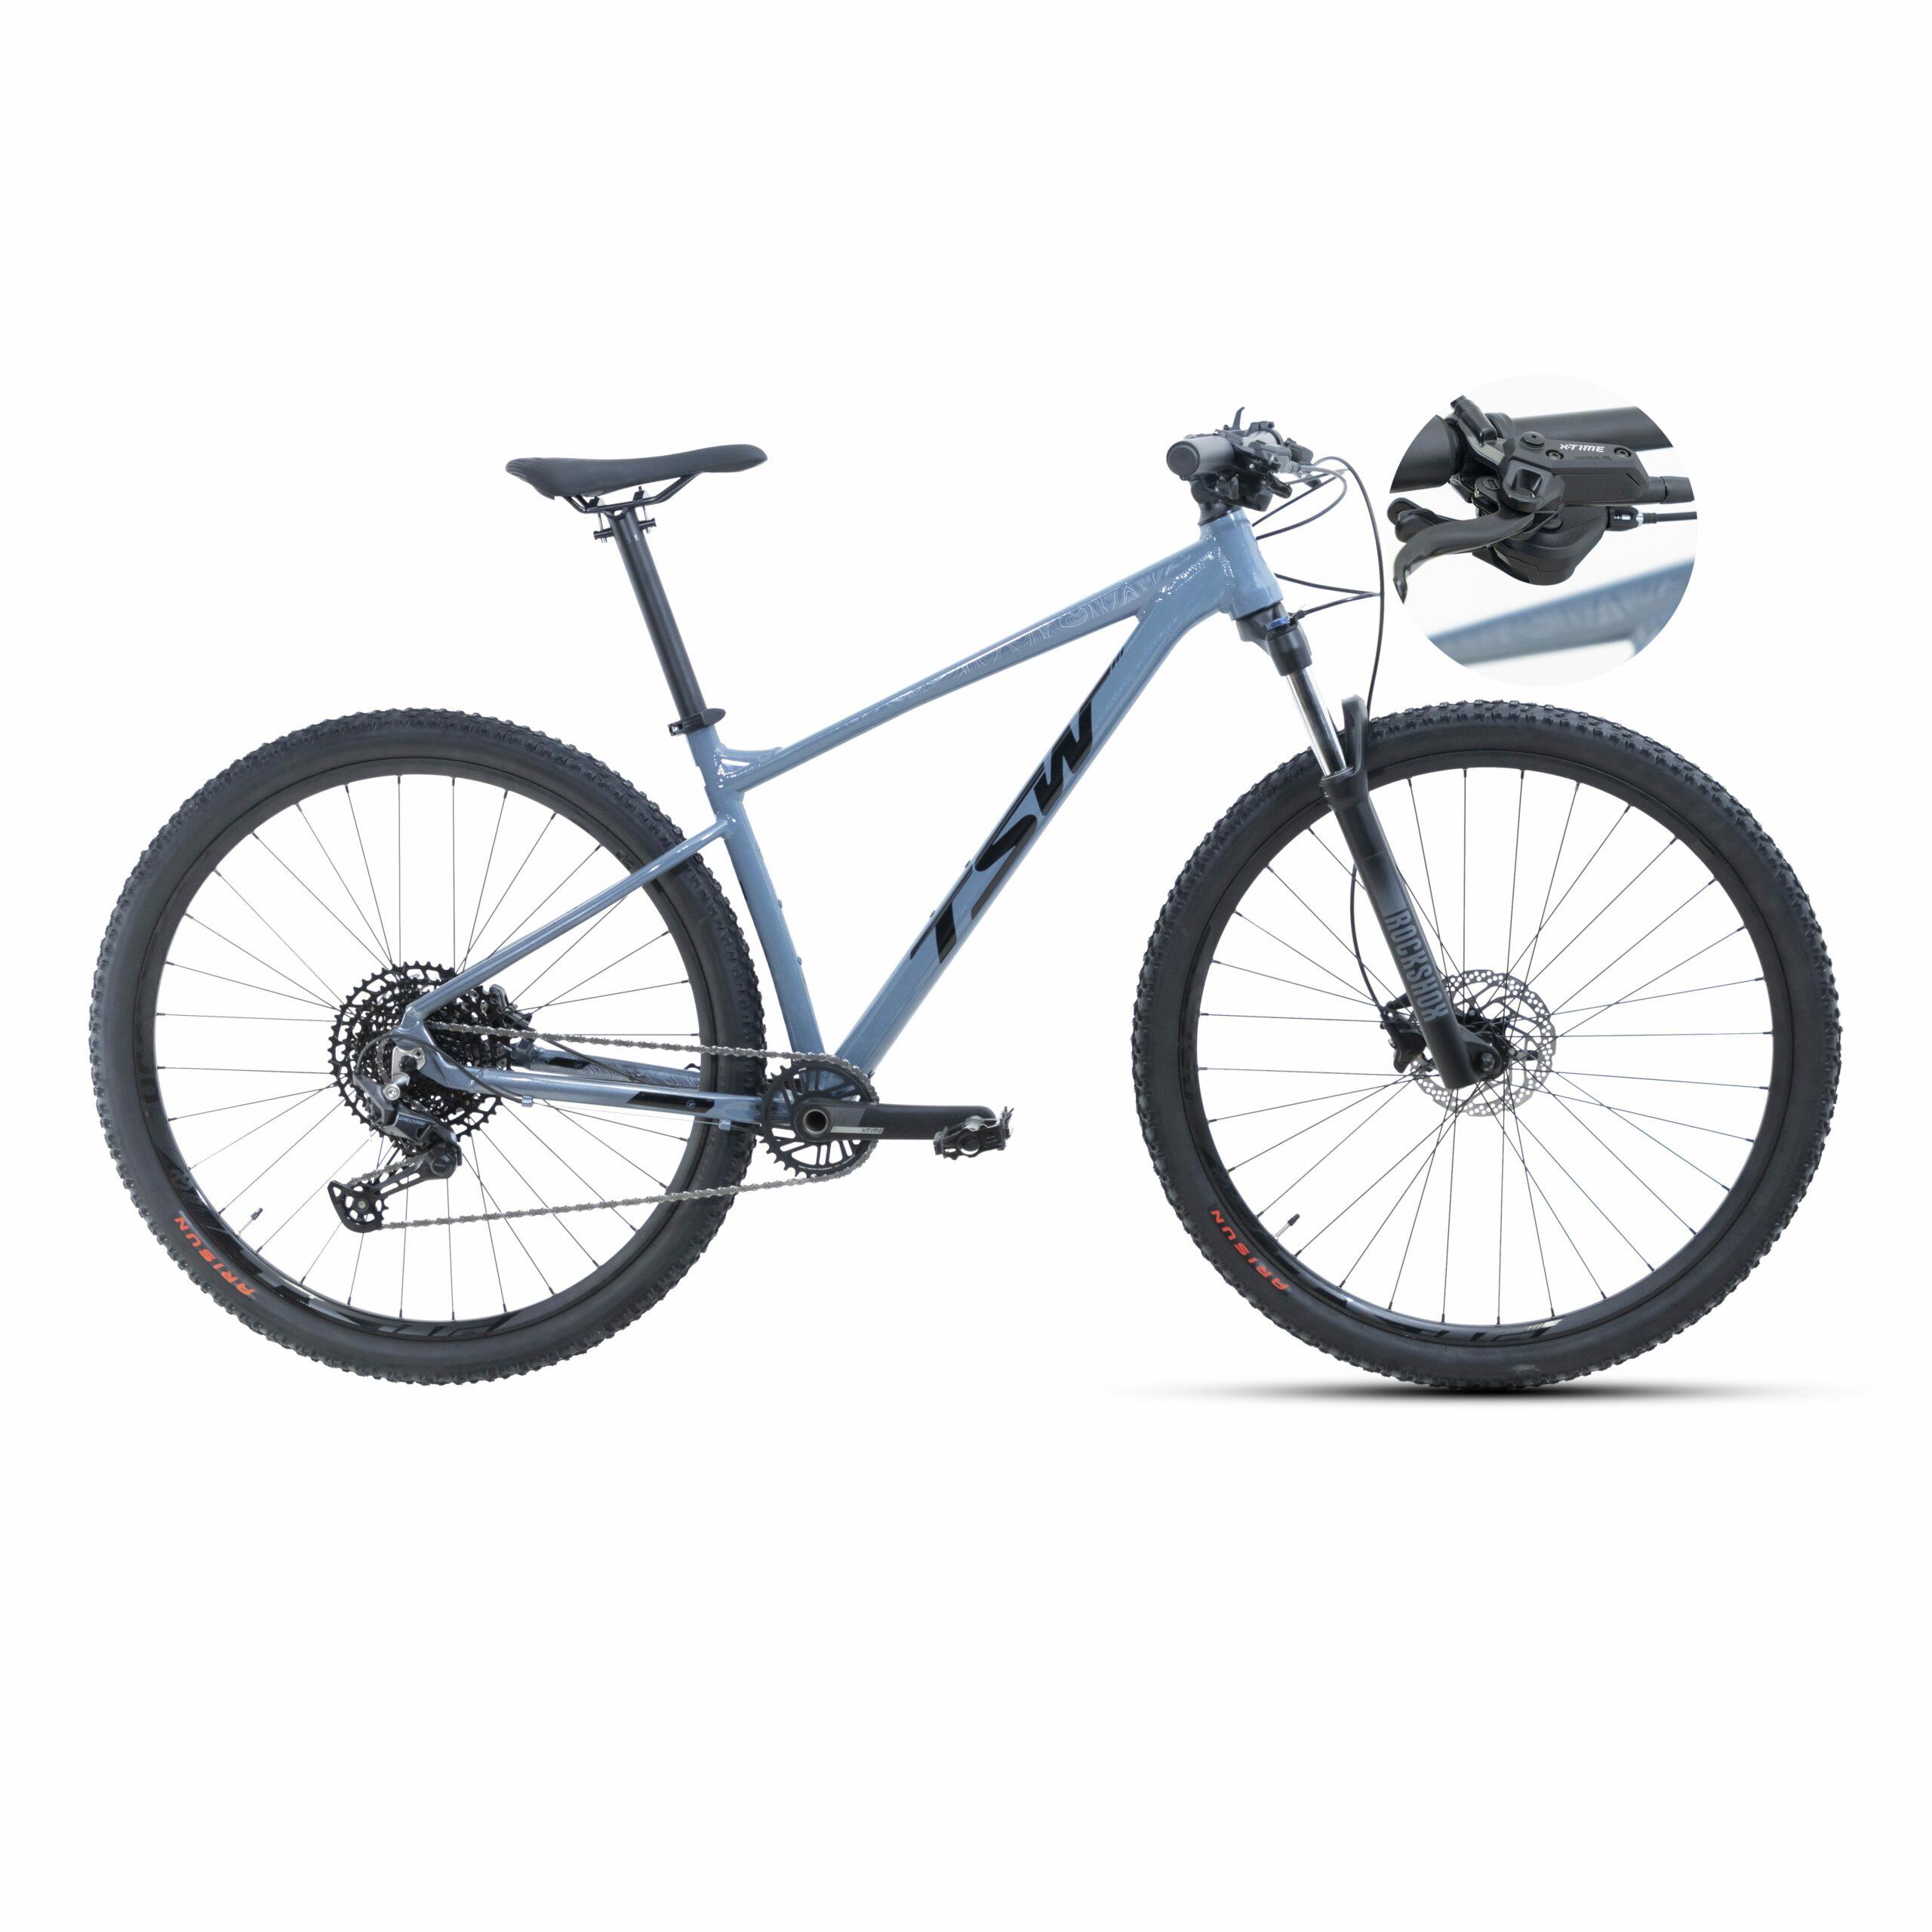 Bicicleta TSW Hurry | SR-12 - Linha com Freios X-TIME 13